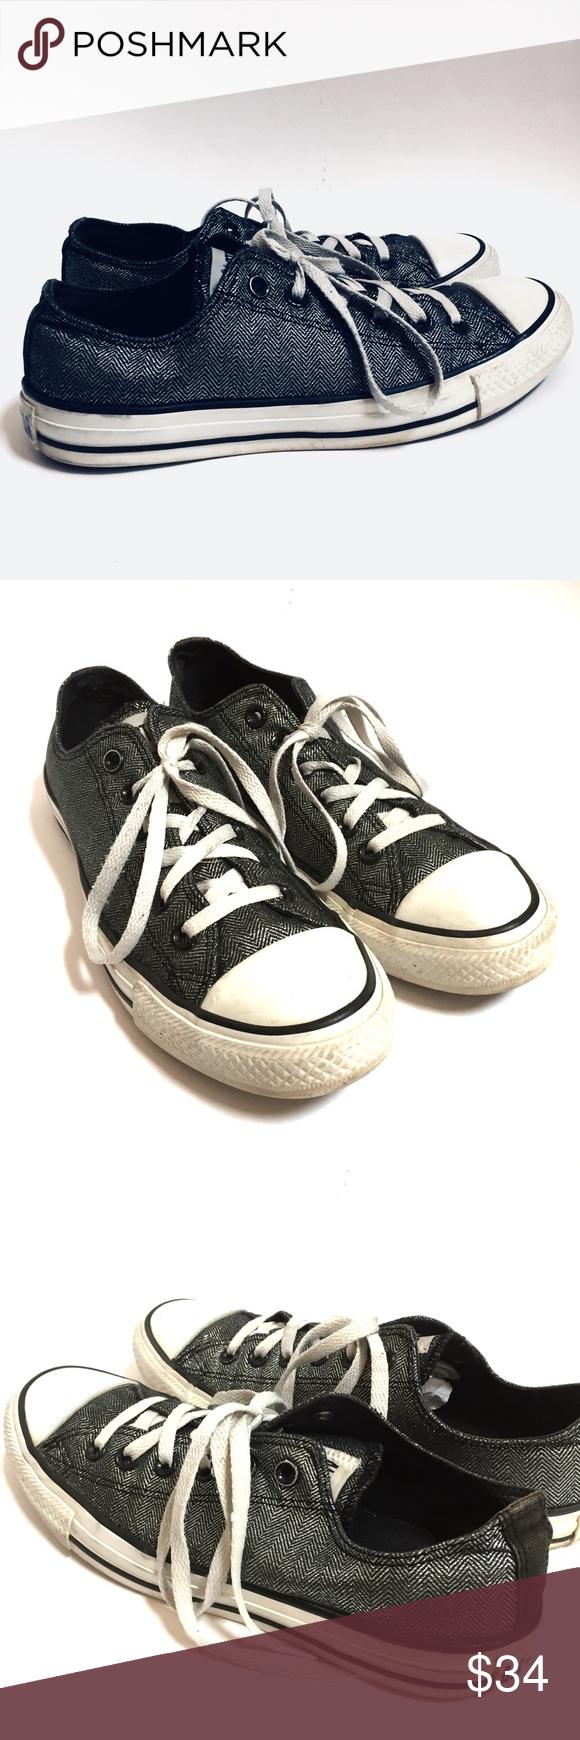 a1a54e14423b Converse Allstar Sneakers Metallic Gray Metallic charcoal gray converses